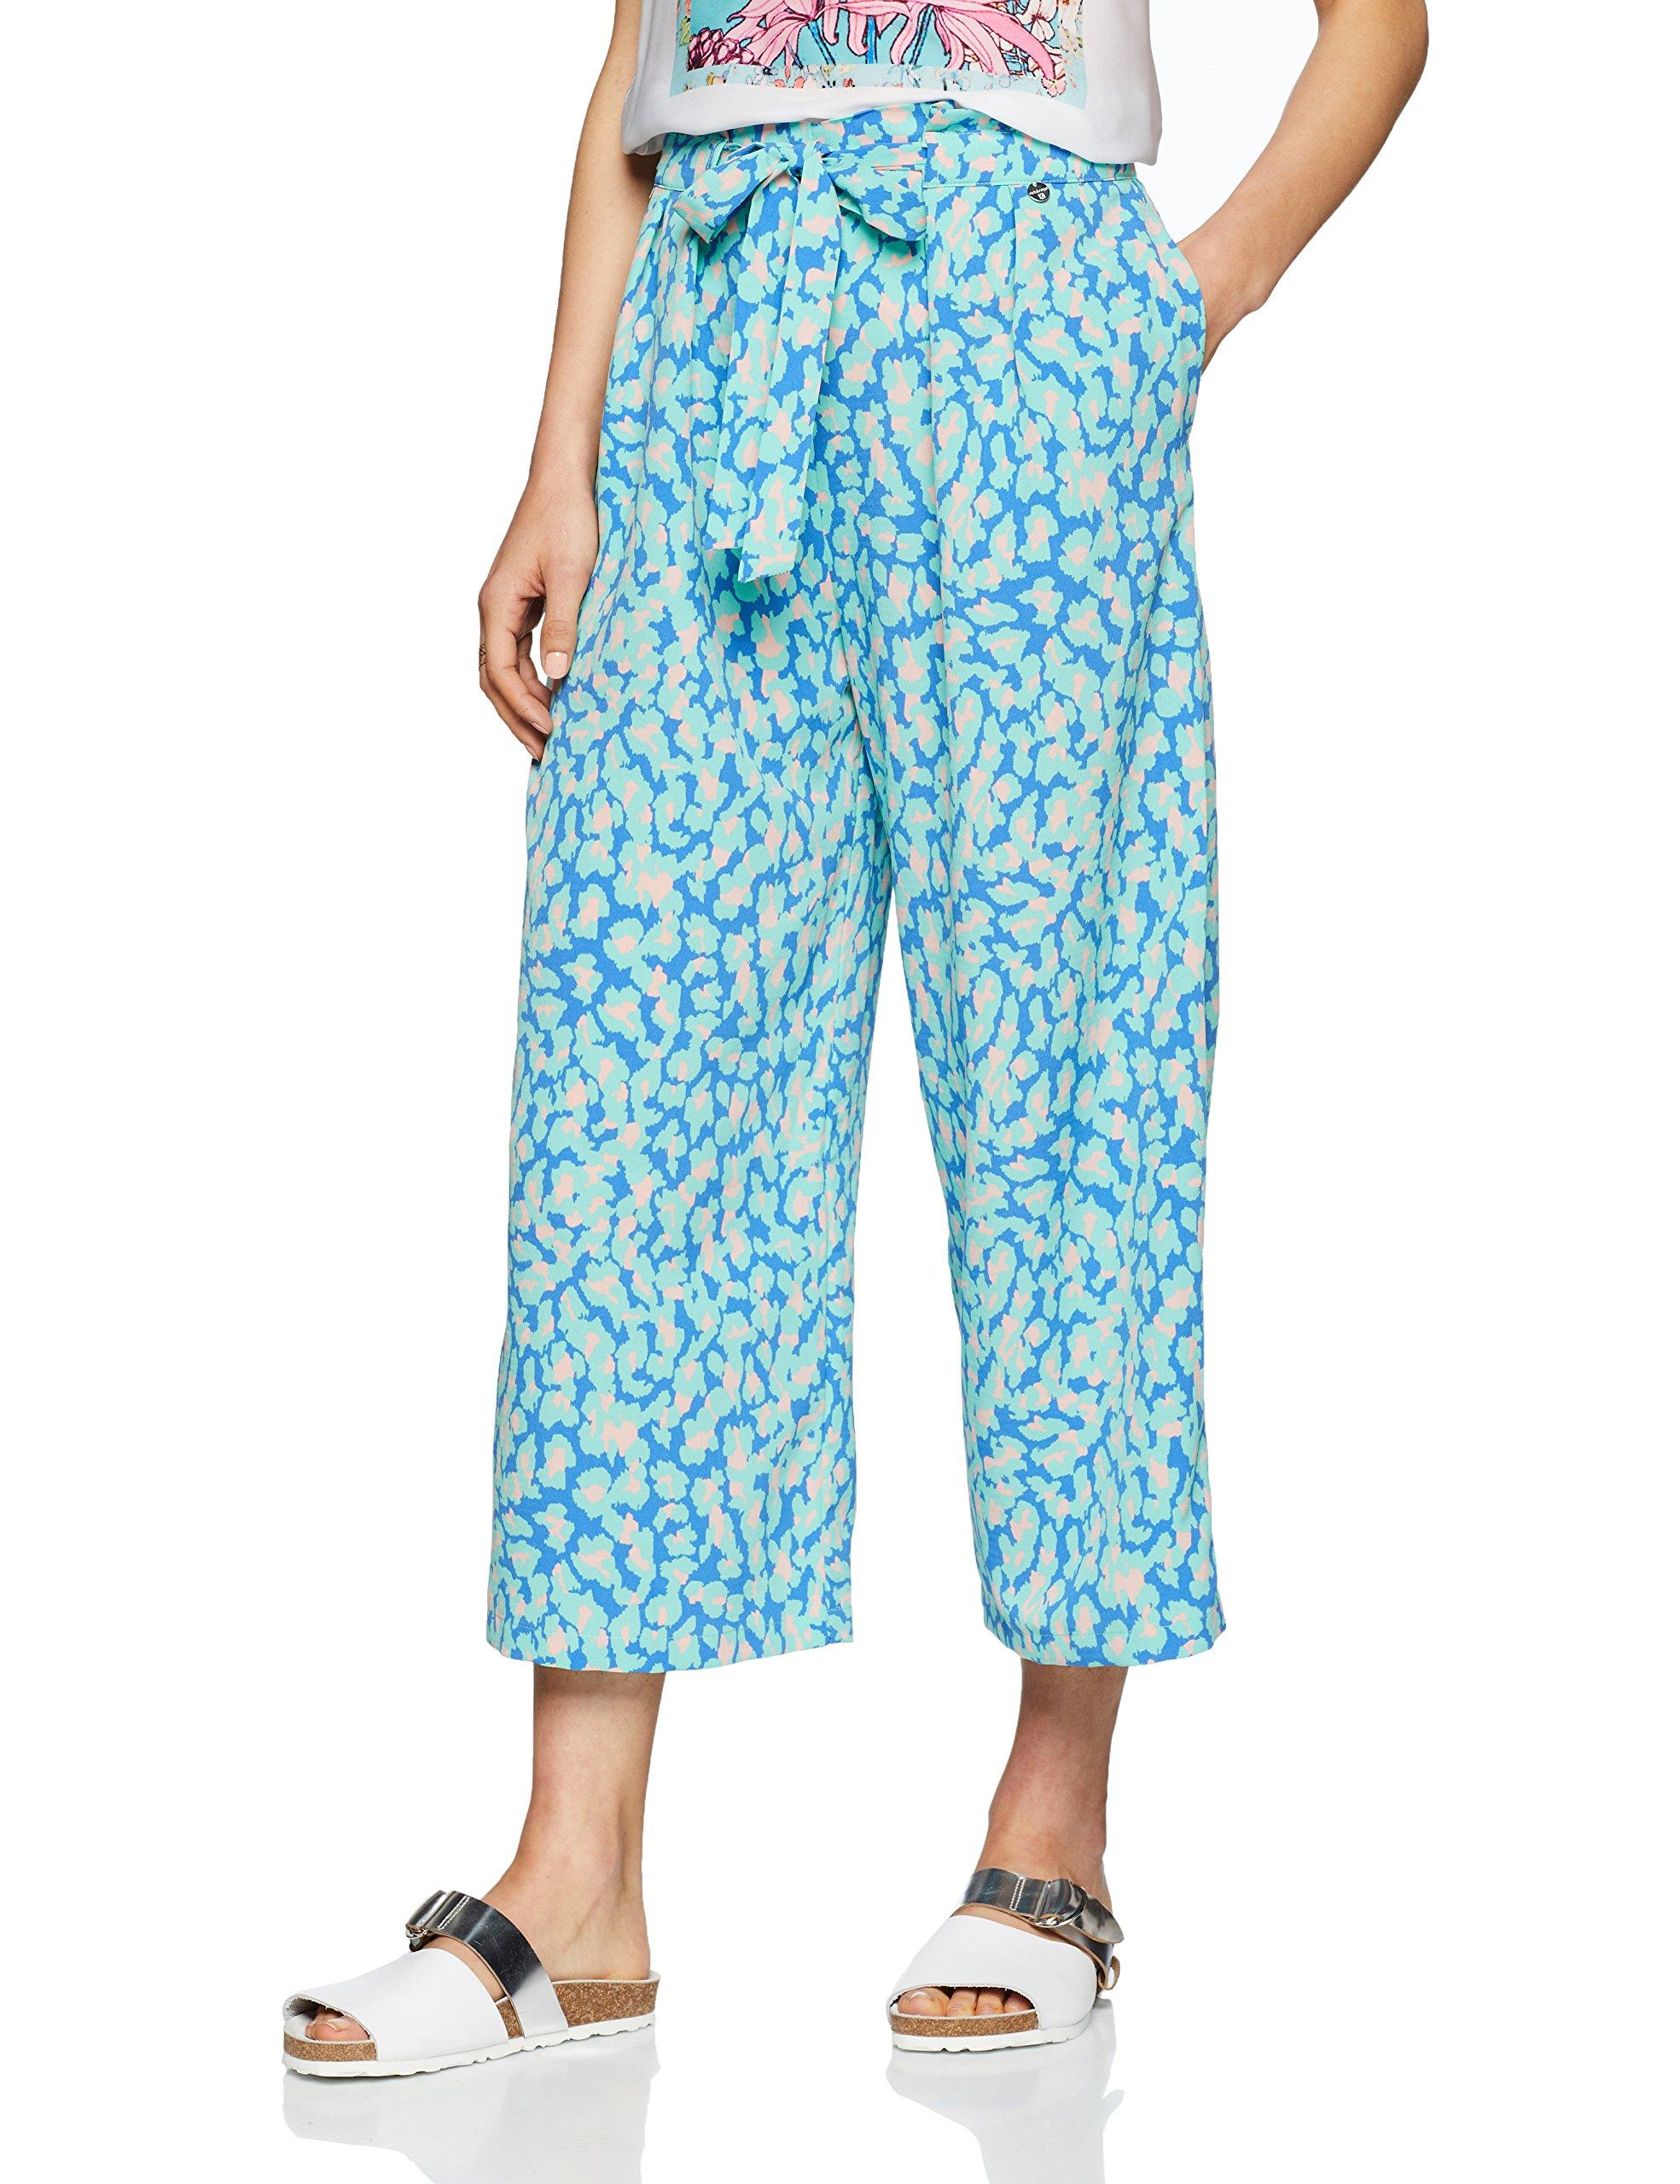 Leo Rich amp;royal Femme Blue 76740 PantalonBleupastel Pant Print qSUMVpz